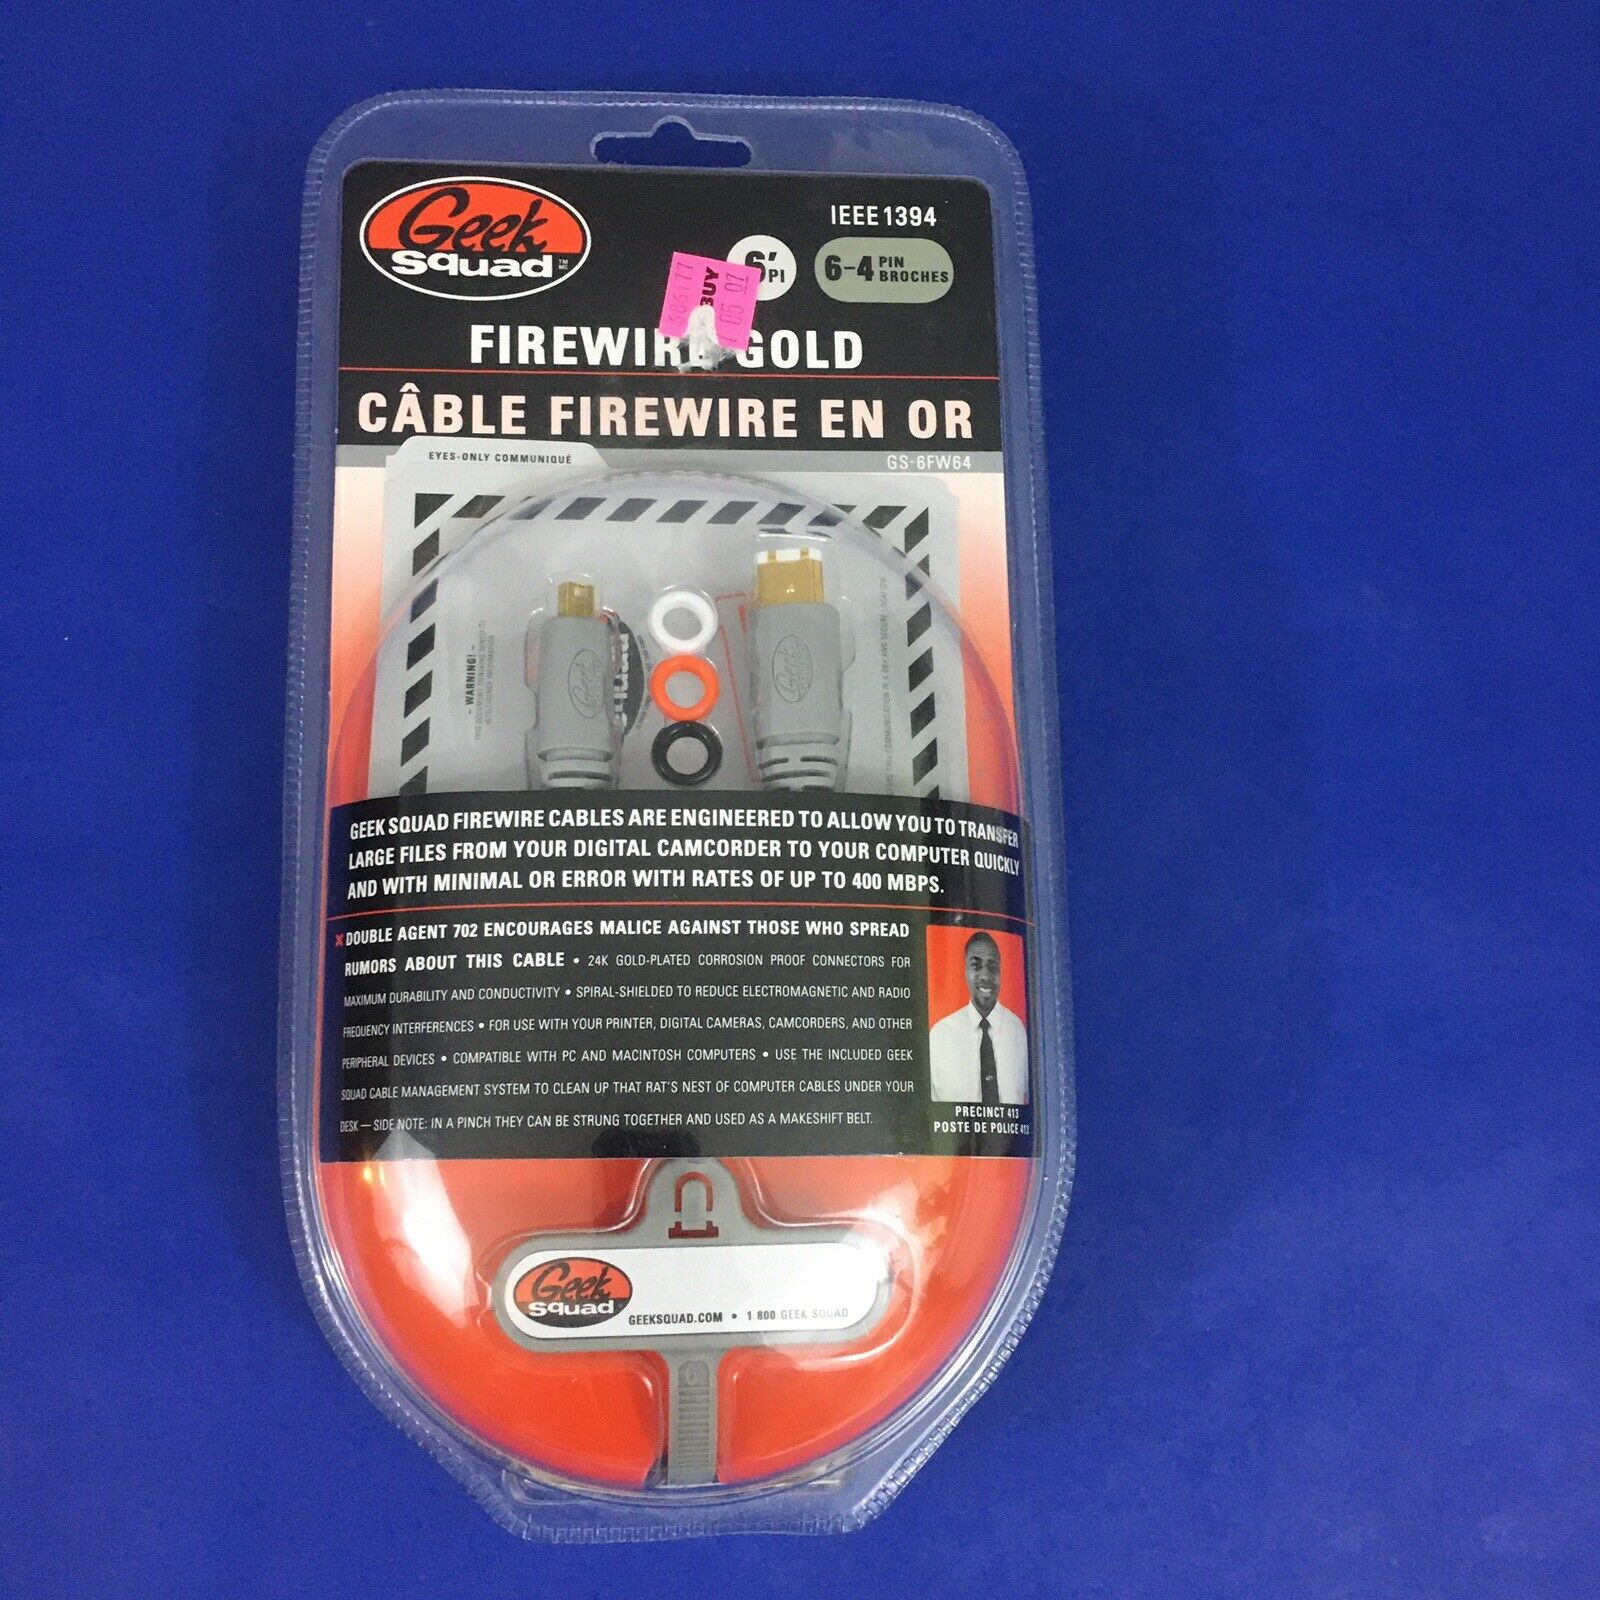 Geek Squad Firewire Gold 6' 6-4 Pin New IEEE 1394